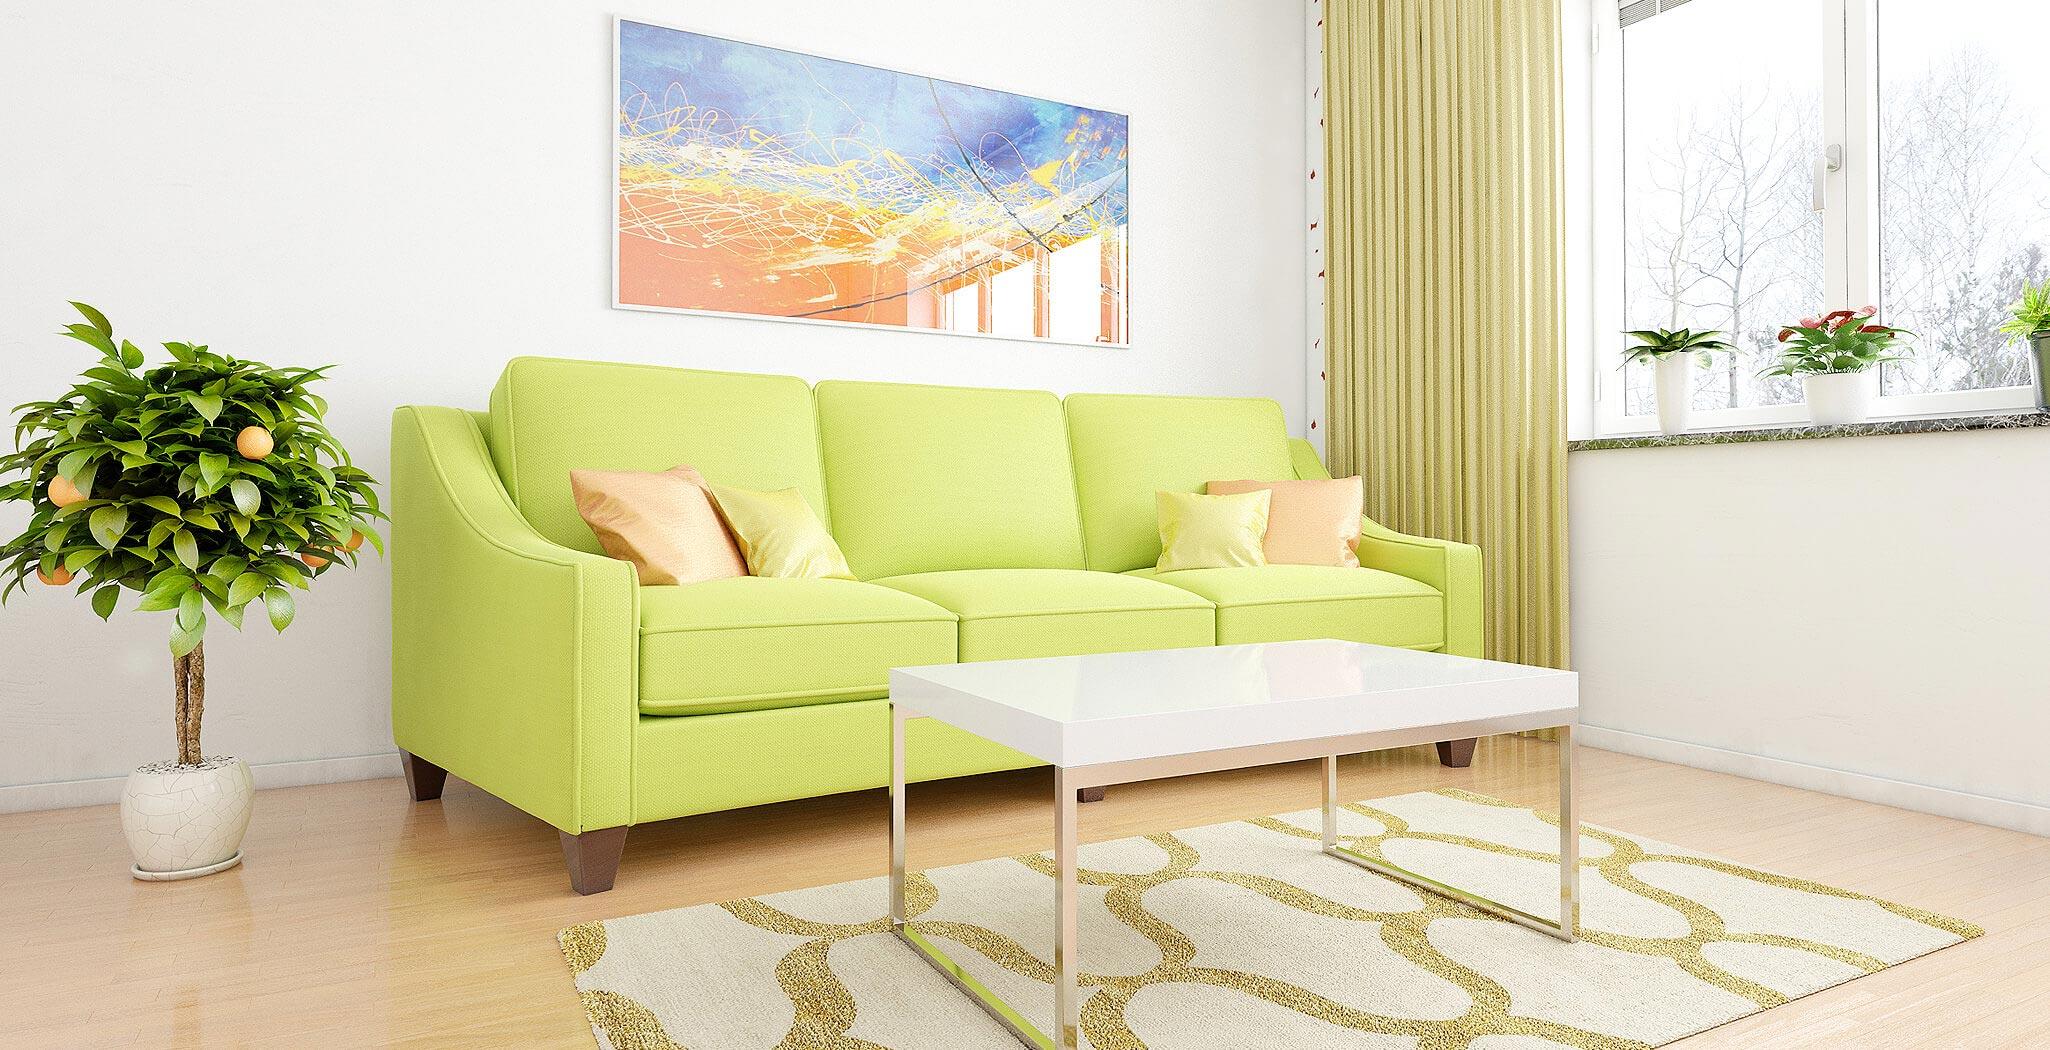 sanda sofa furniture gallery 3